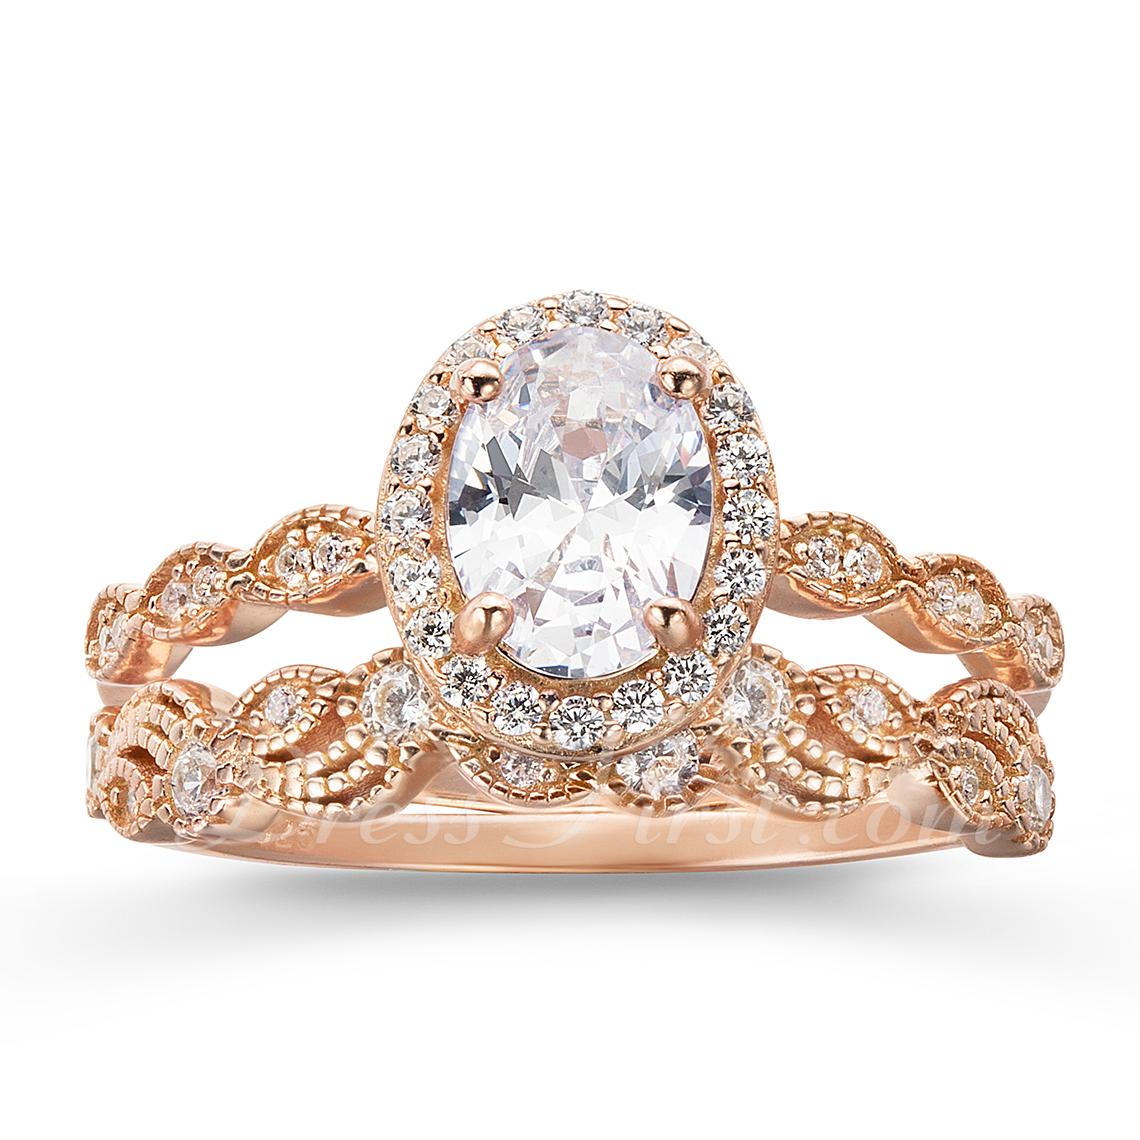 Sterling zilver Zirconia Halo Wijnoogst Ovale Snit Verlovings ringen Belofte ringen Bruids sets - Valentines Geschenken